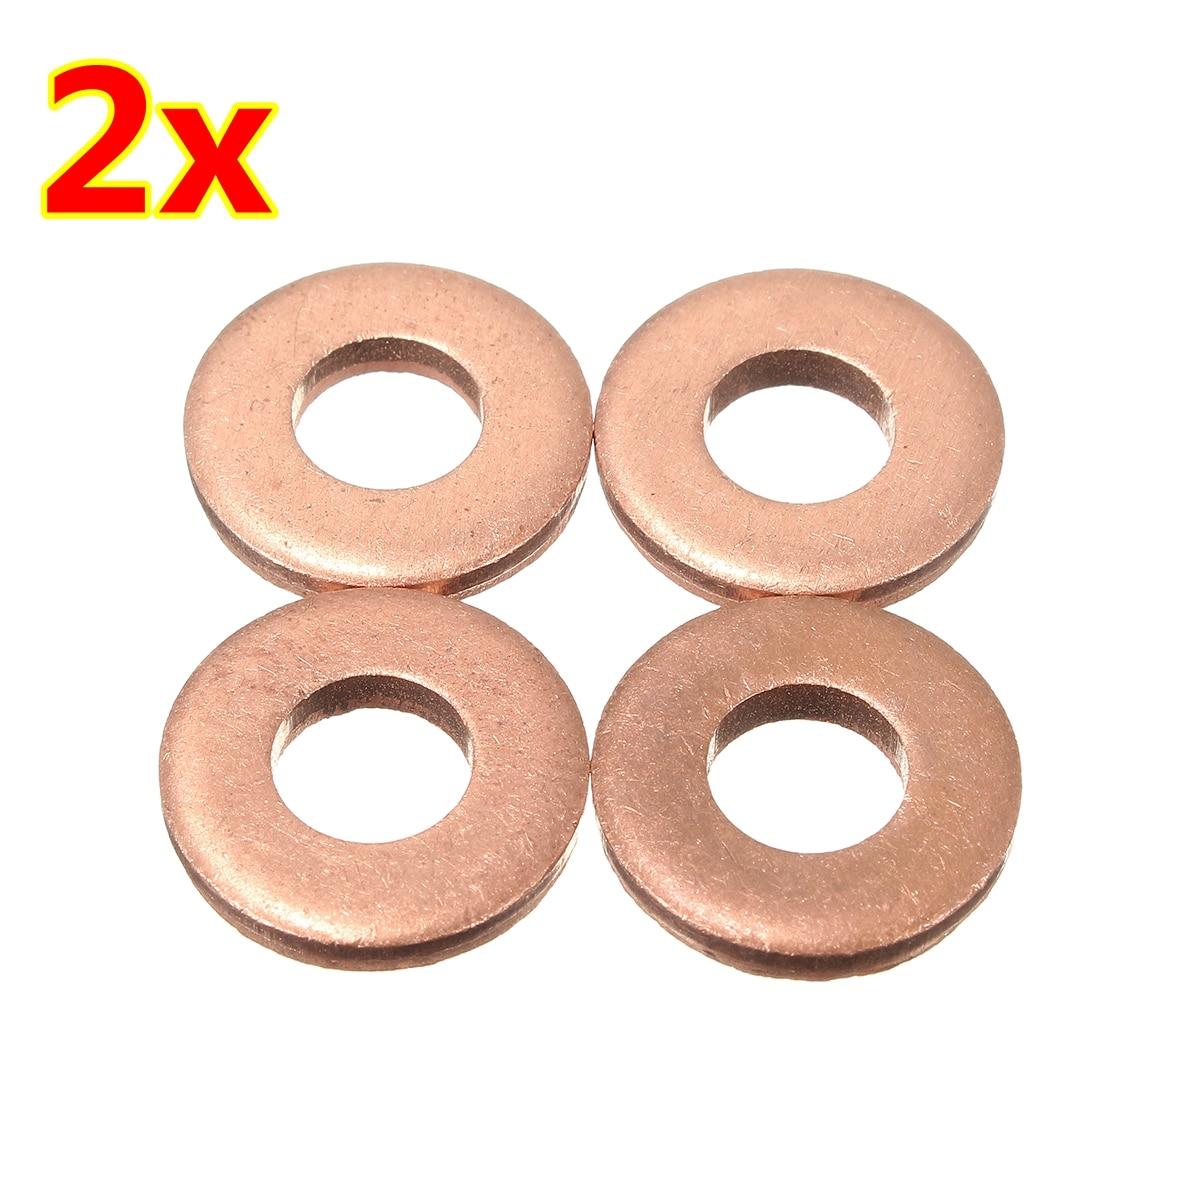 4 uds/8 Uds inyector de arandela de cobre juntas tóricas para Peugeot / Citroen 1,6 HDI - 198173